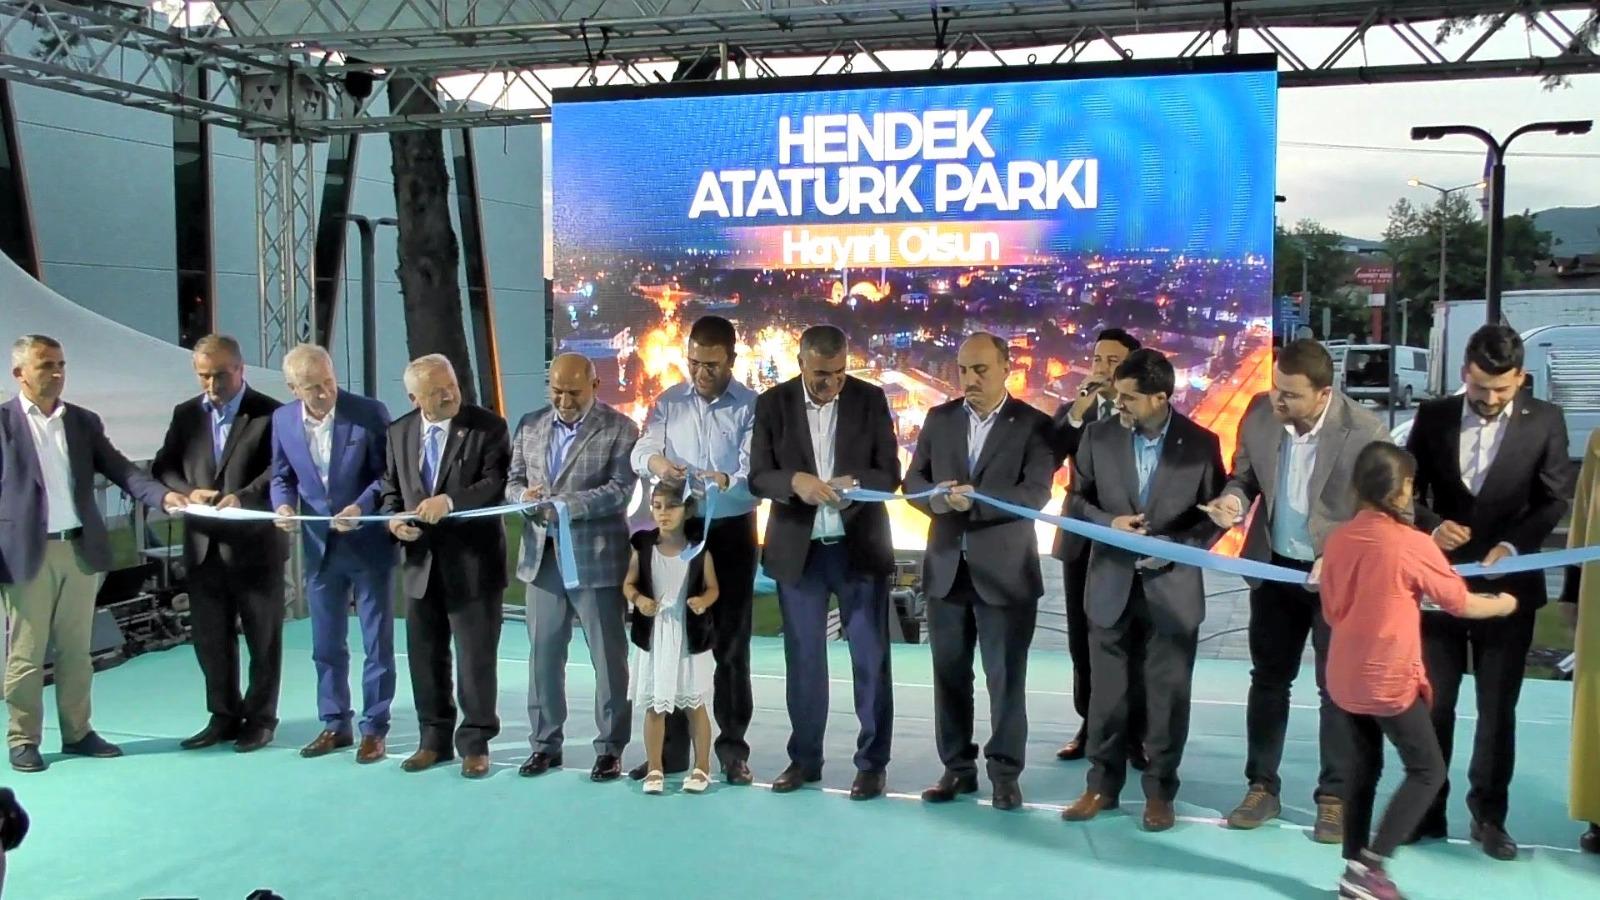 Hendek Atatürk Parkı Açıldı